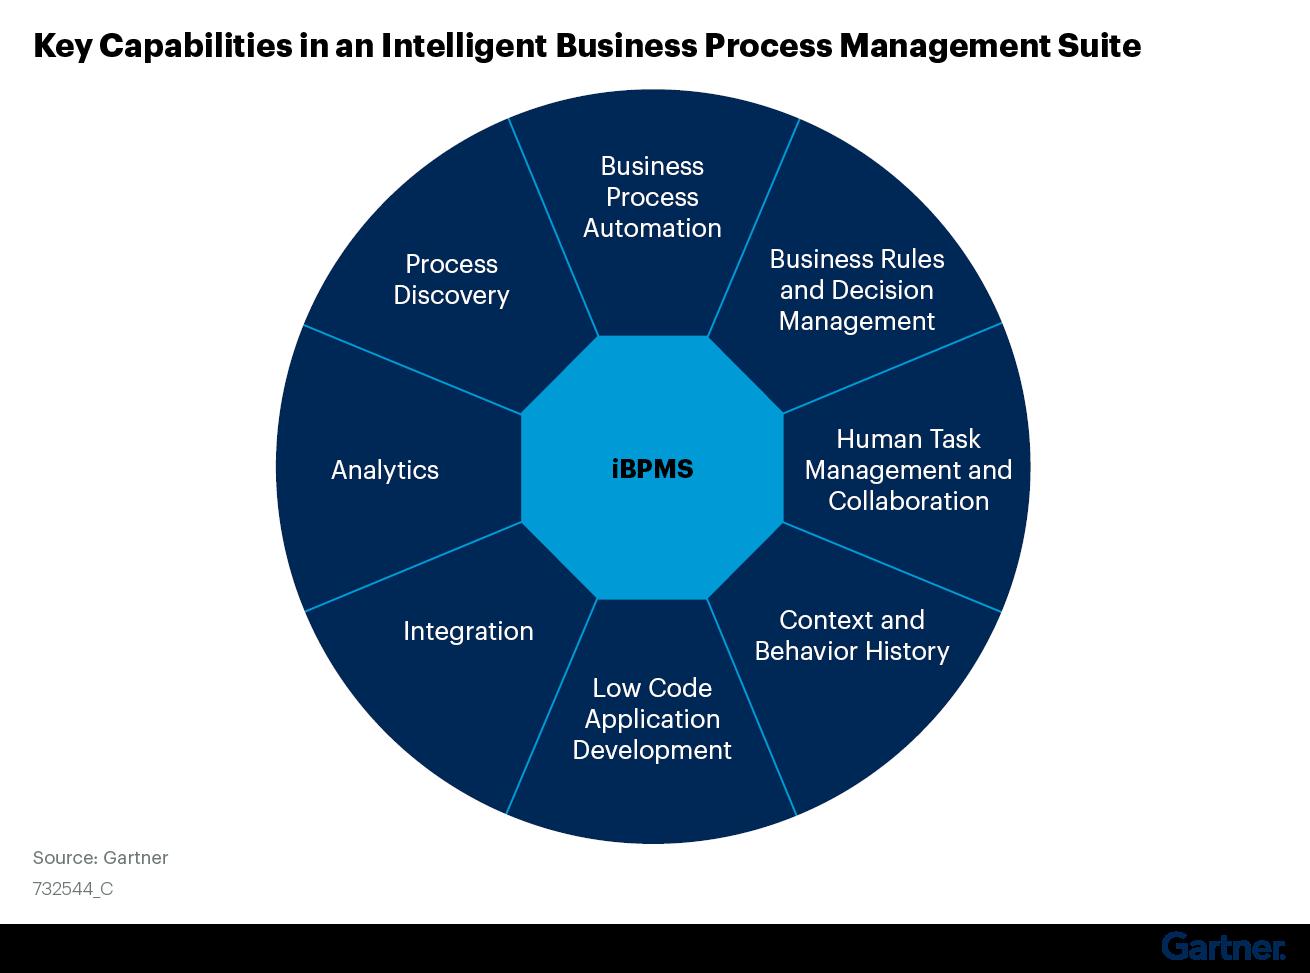 Bu şekil, Akıllı İş Süreçleri Yönetim Paketindeki 8 temel özelliği açıklamaktadır.